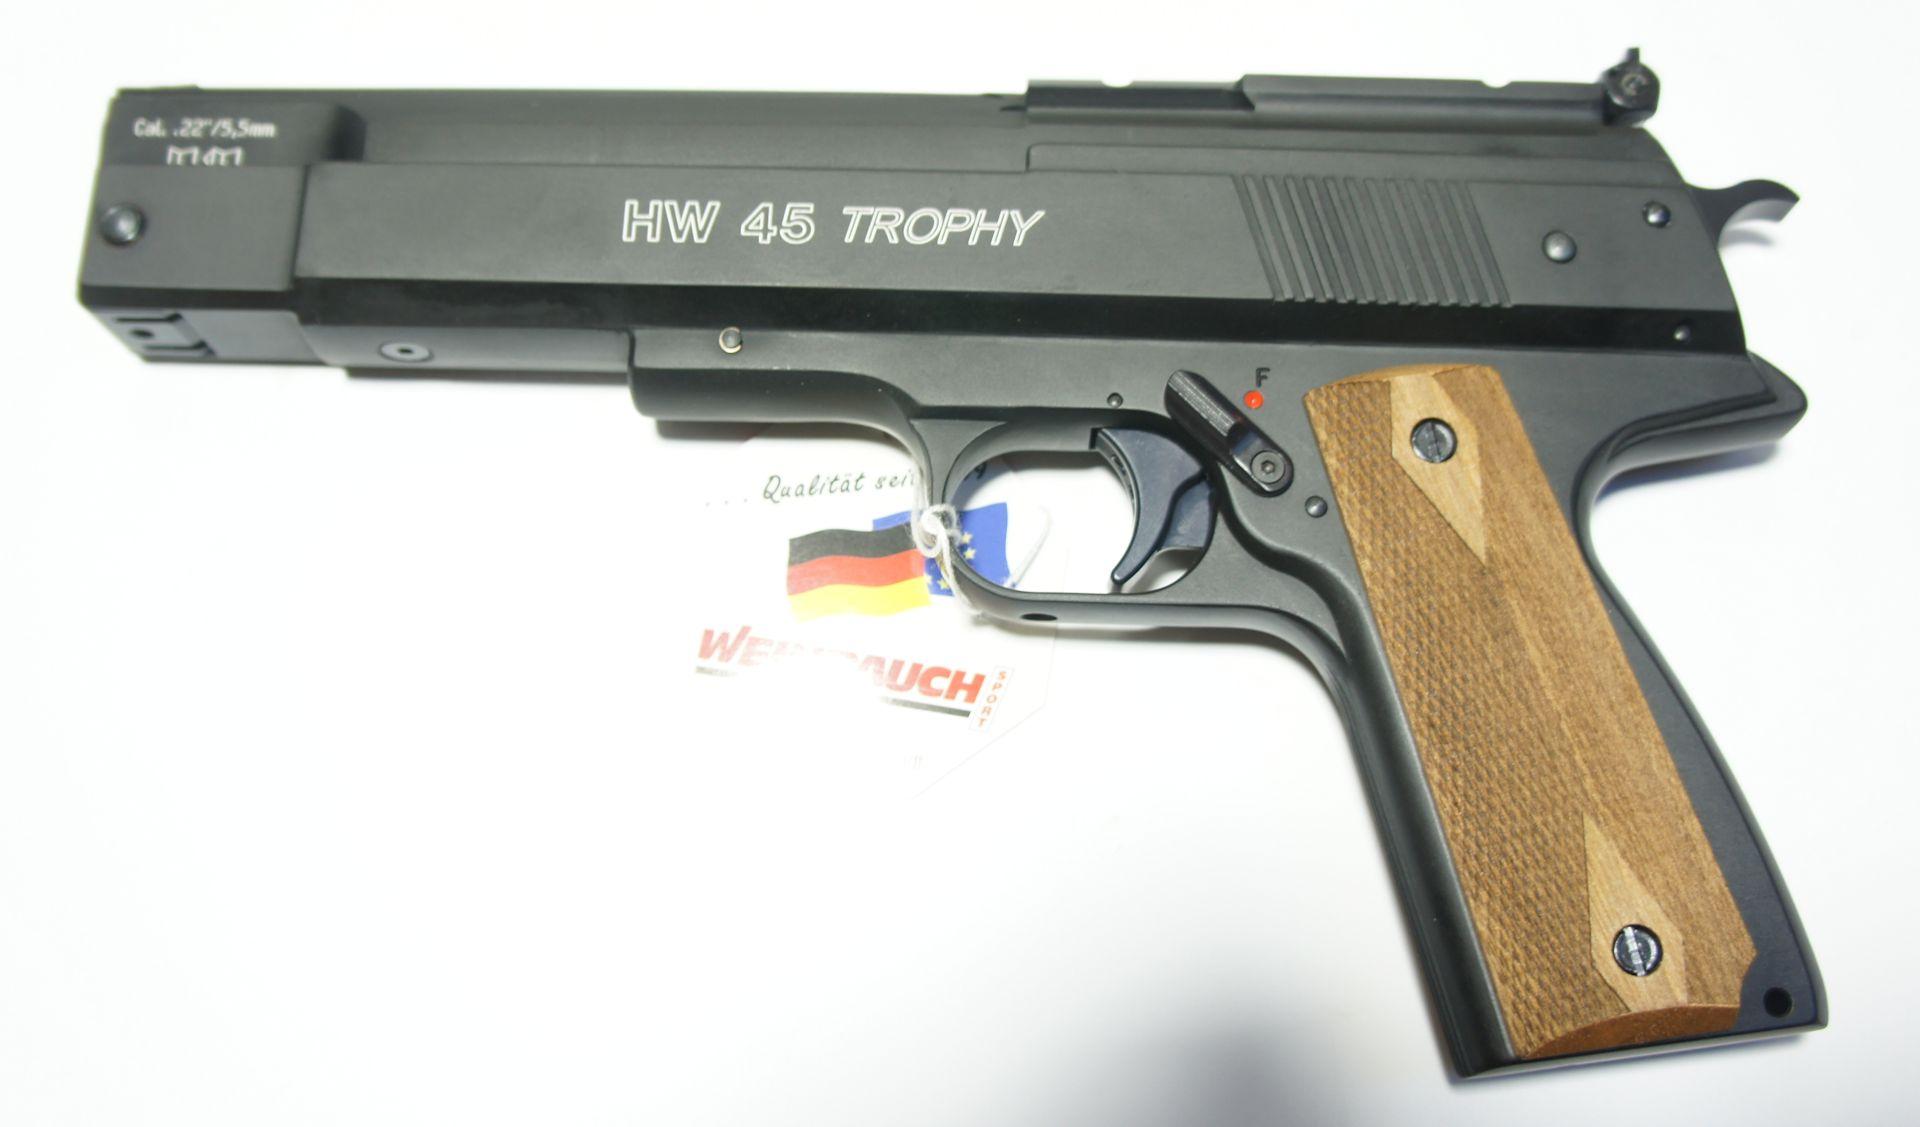 Luftpistole HW 45 Trophy Kaliber 4,5mm